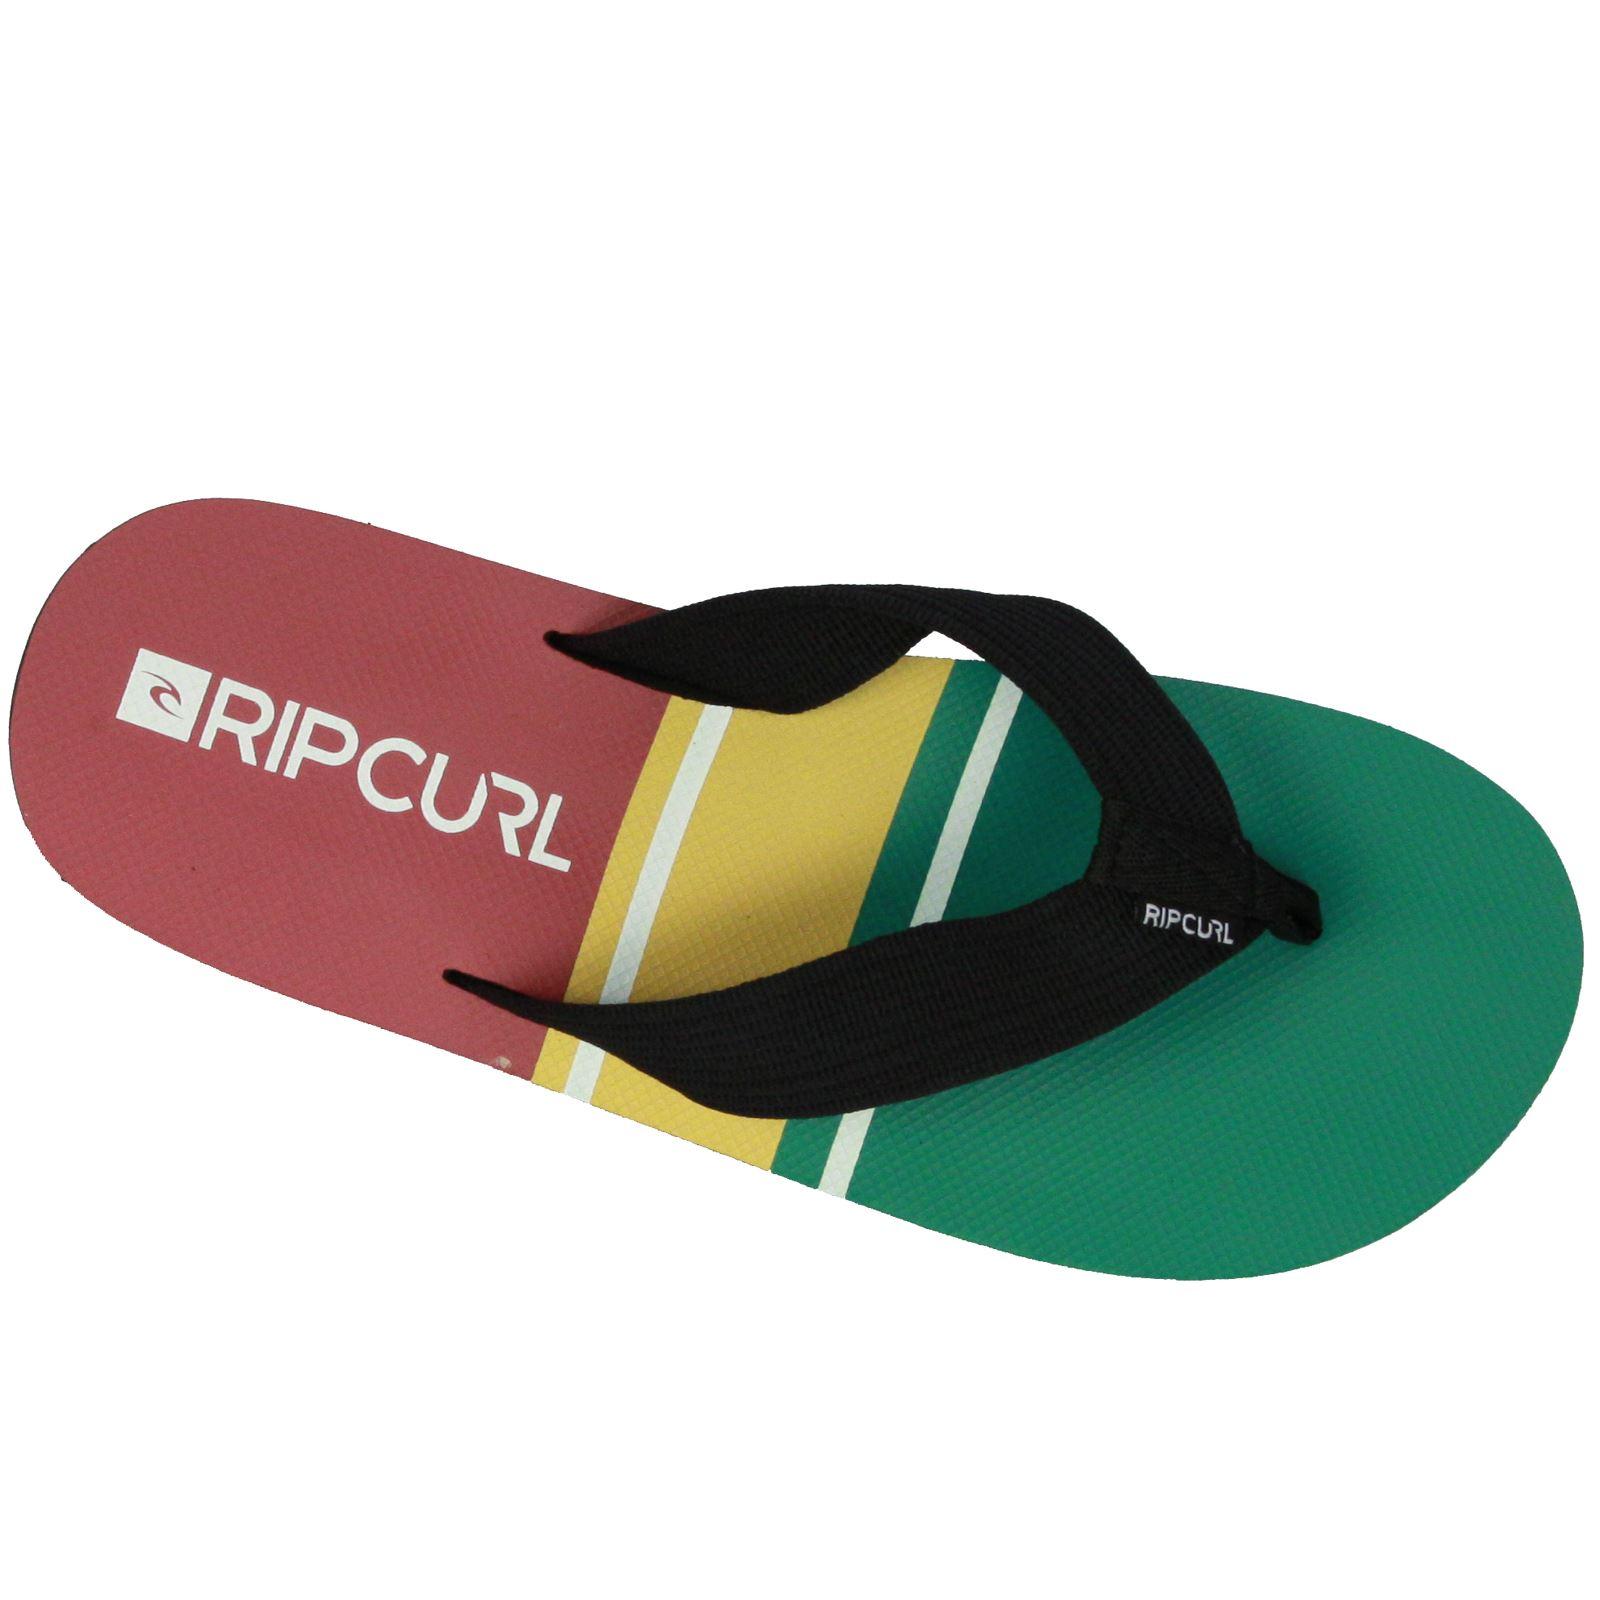 Rip Curl Sandalia ~ Bob Cush Rasta